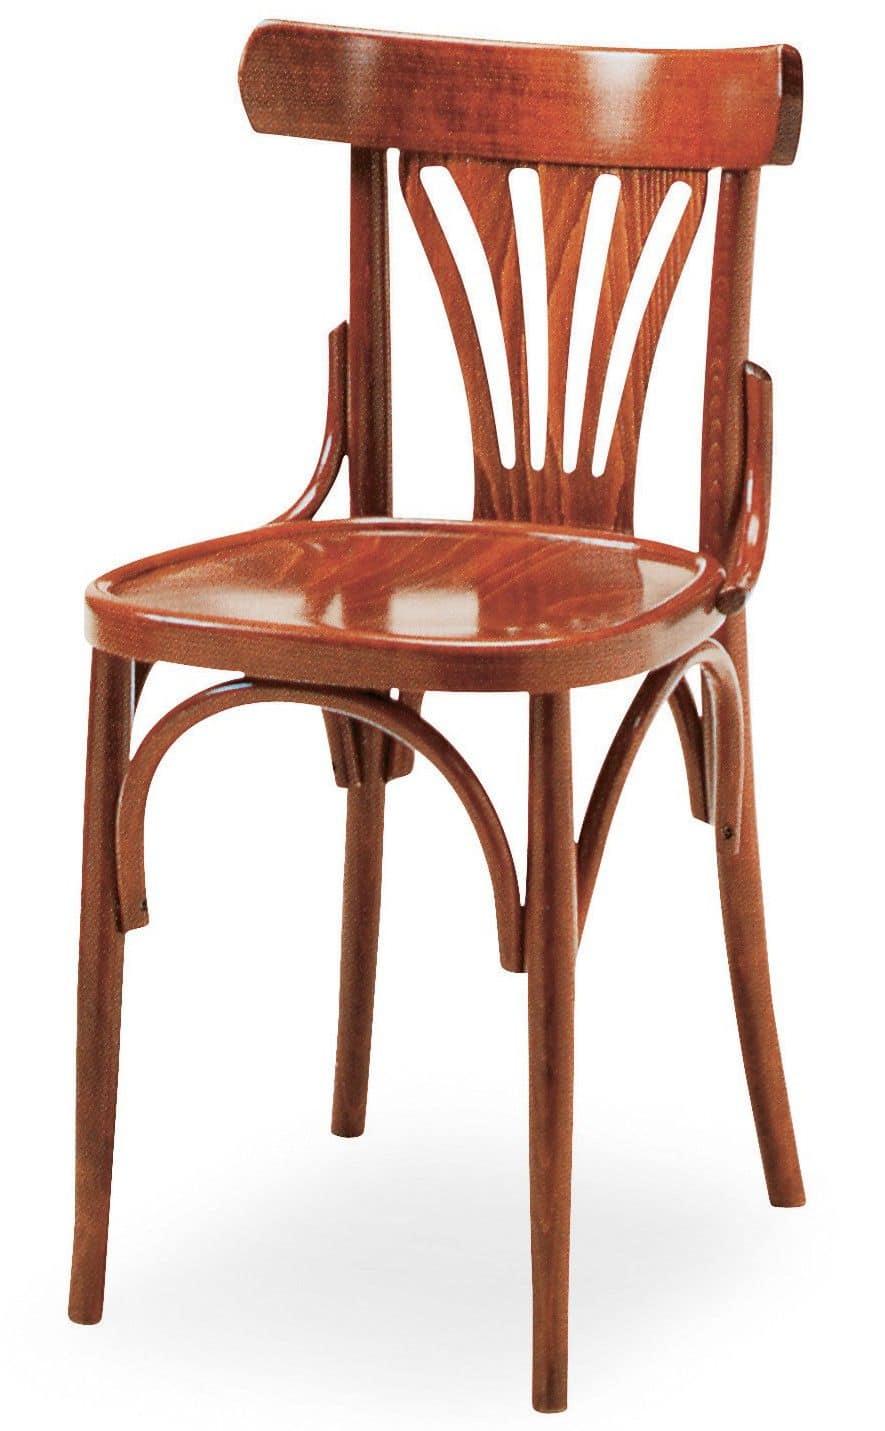 B06, Sedia in legno curvato per bar